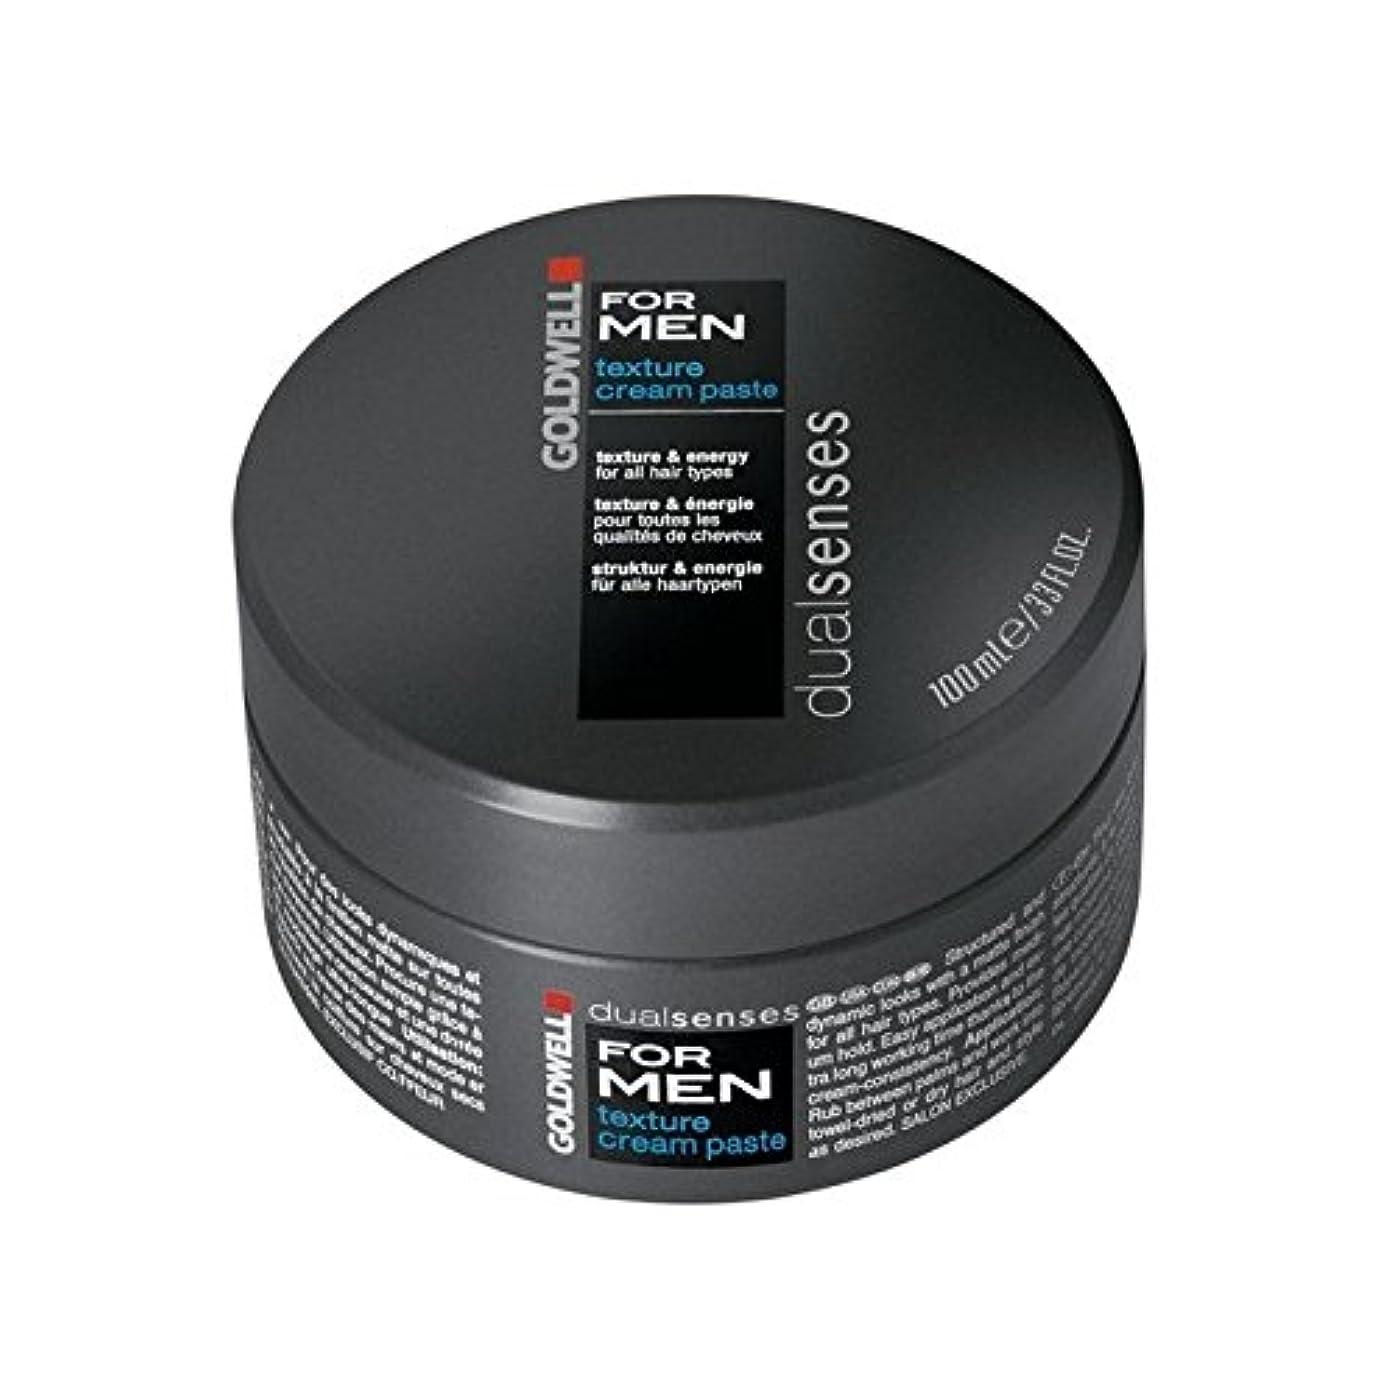 エンディング教育マニアックGoldwell Dualsenses For Men Texture Cream Paste (100ml) (Pack of 6) - 男性のテクスチャーのクリームペースト(100ミリリットル)のためのの x6 [並行輸入品]